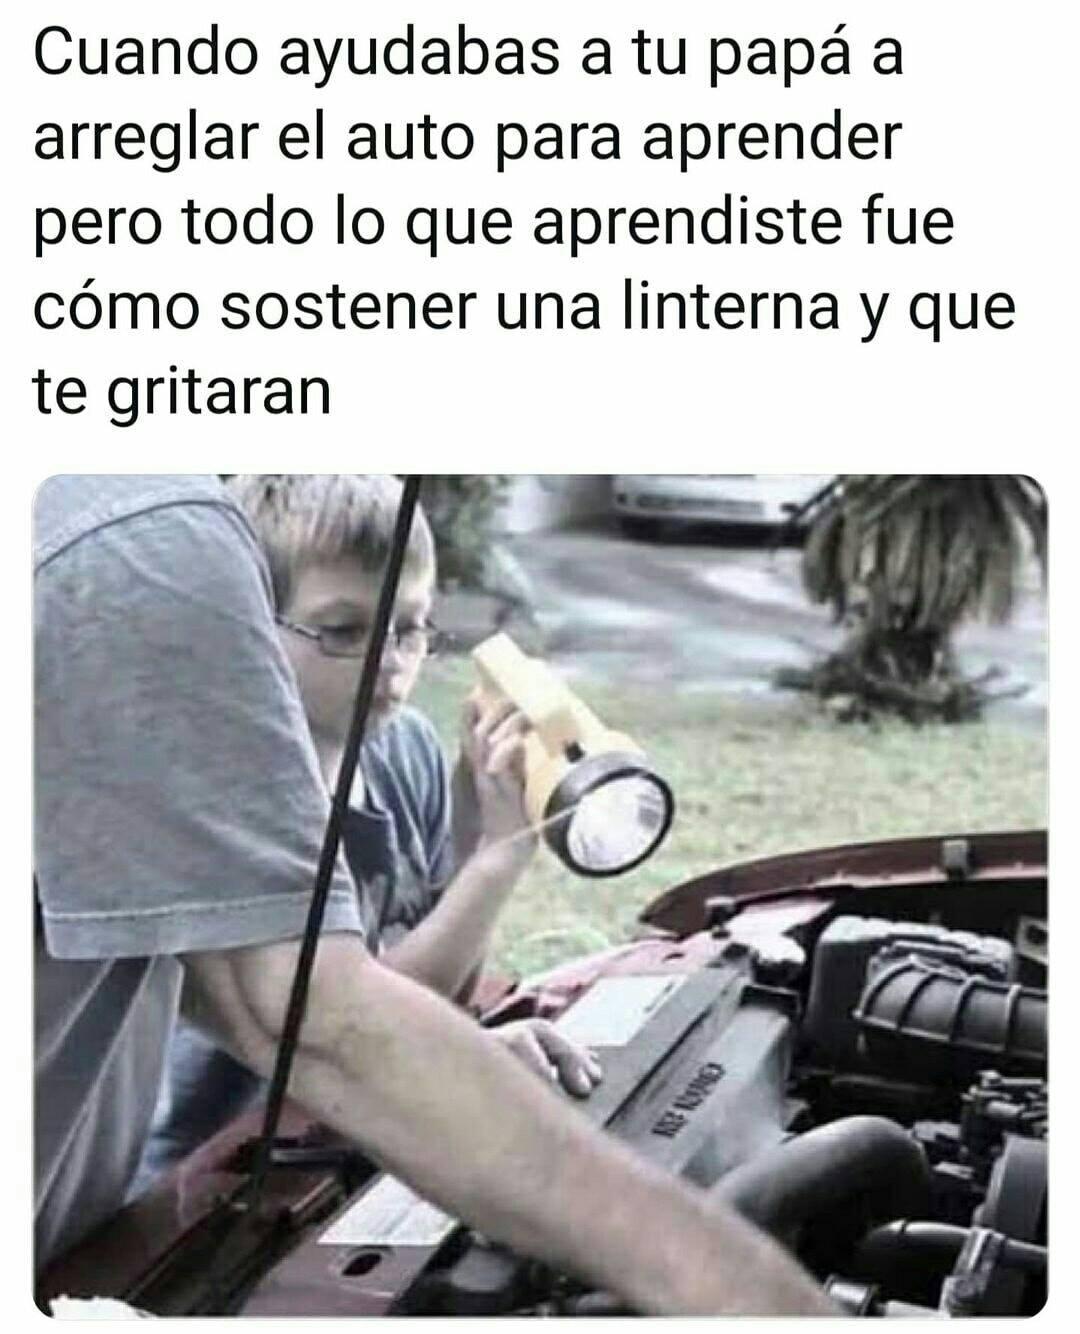 Cuando ayudabas a tu papá a arreglar el auto para aprender pero todo lo que aprendiste fue cómo sostener una linterna y que te gritaran.